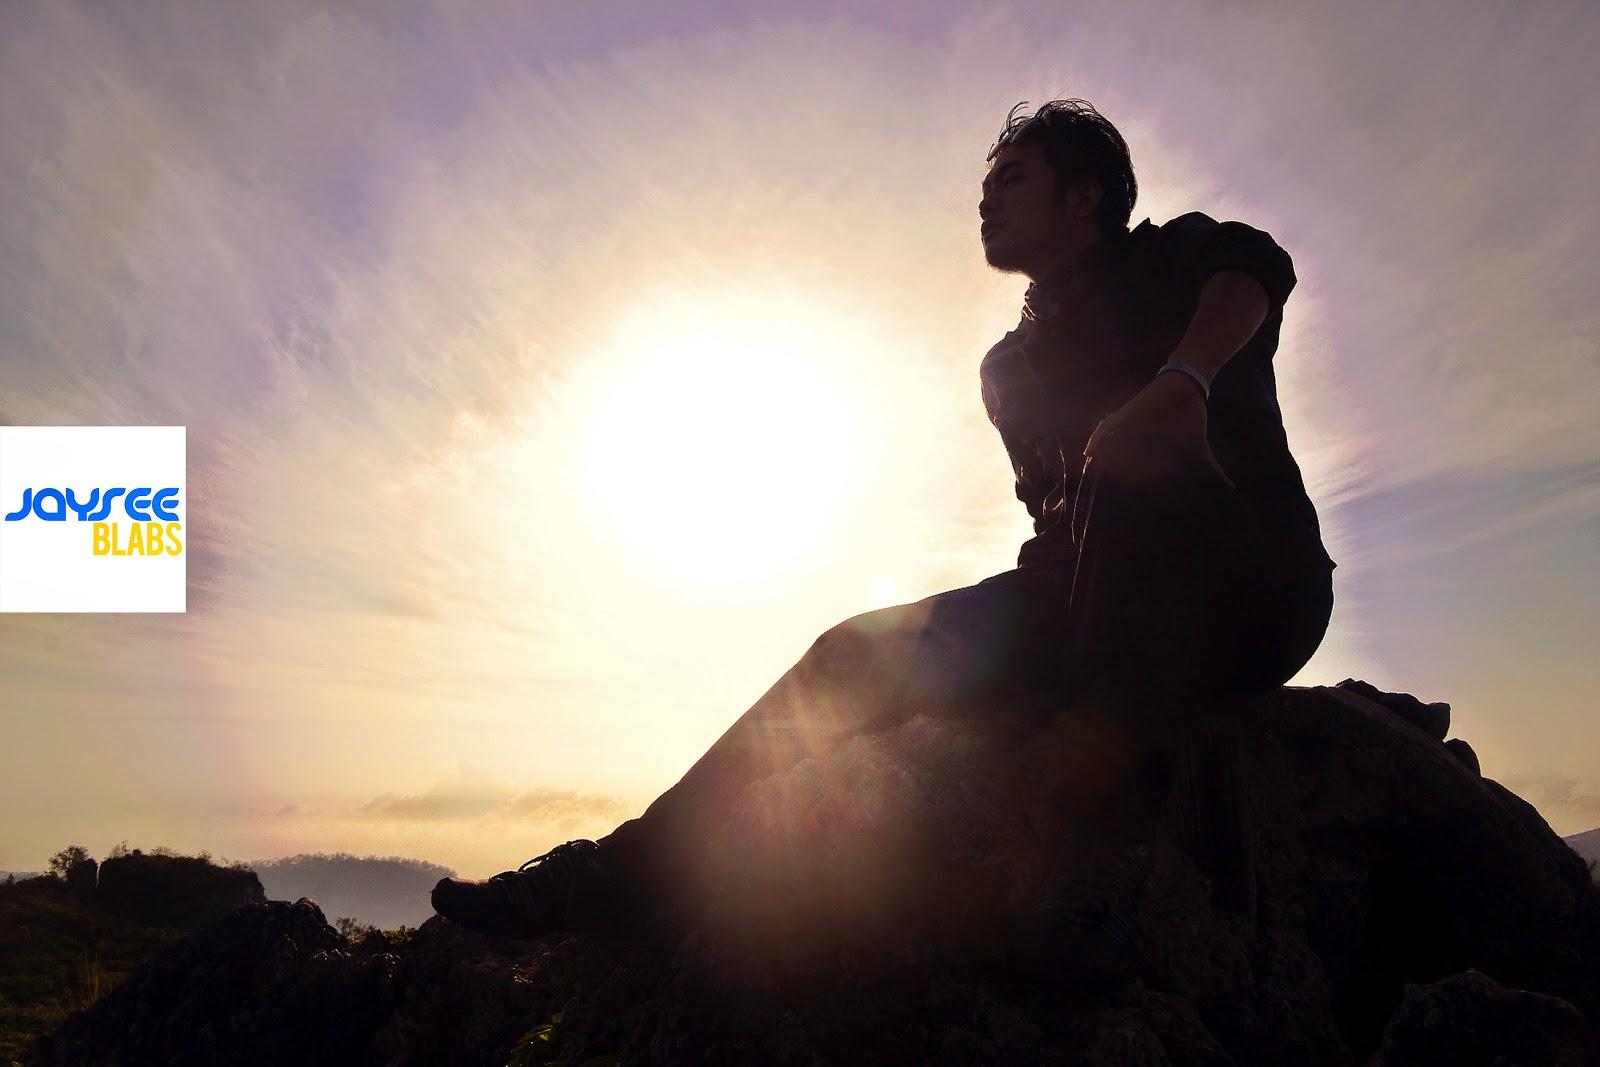 jaysee pingkian jayseeblabs osmena peak cebu